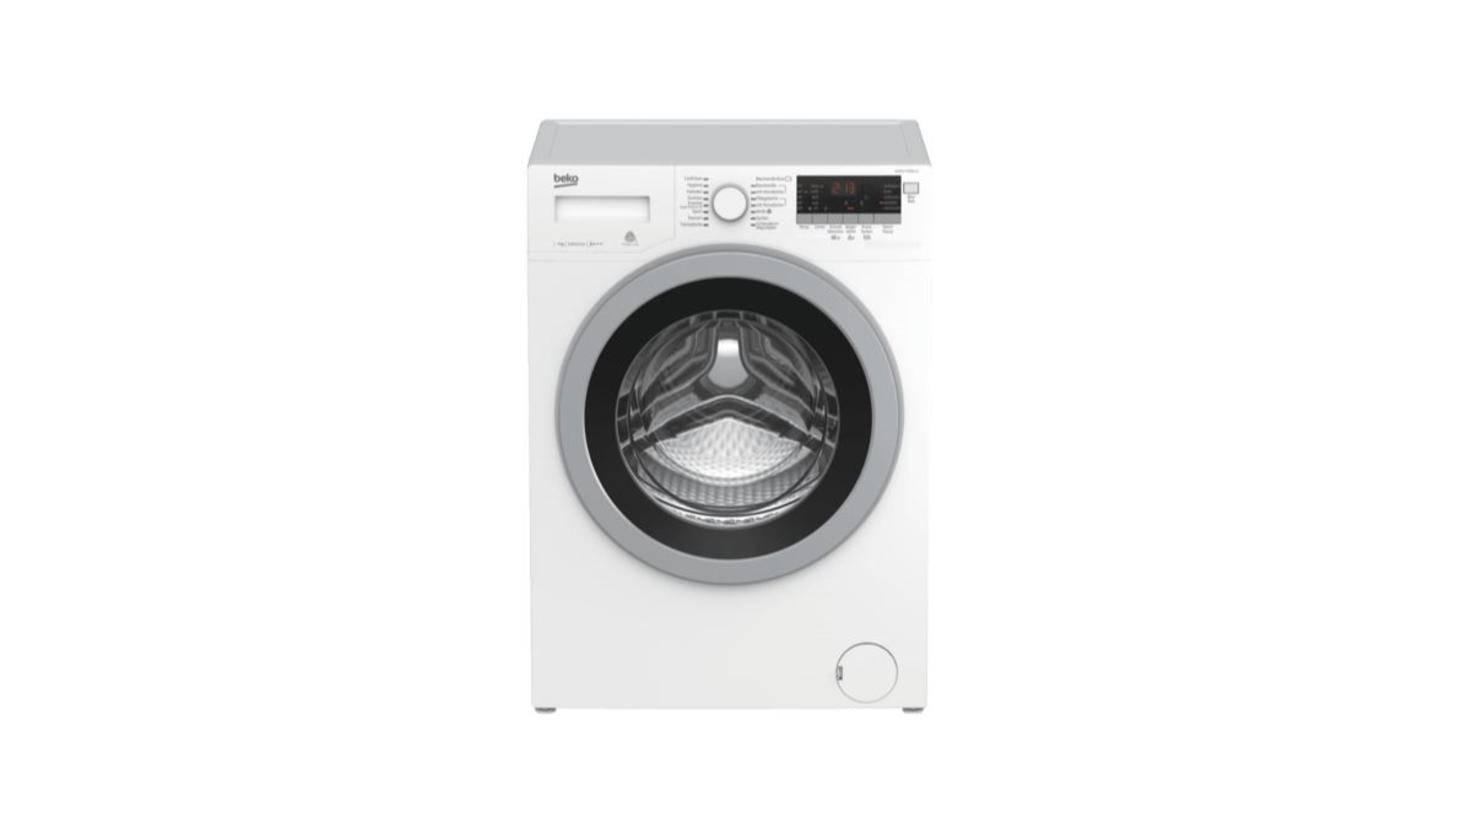 Une Chose S Propre S A Petit Prix 7 Machines A Laver Bon Marche